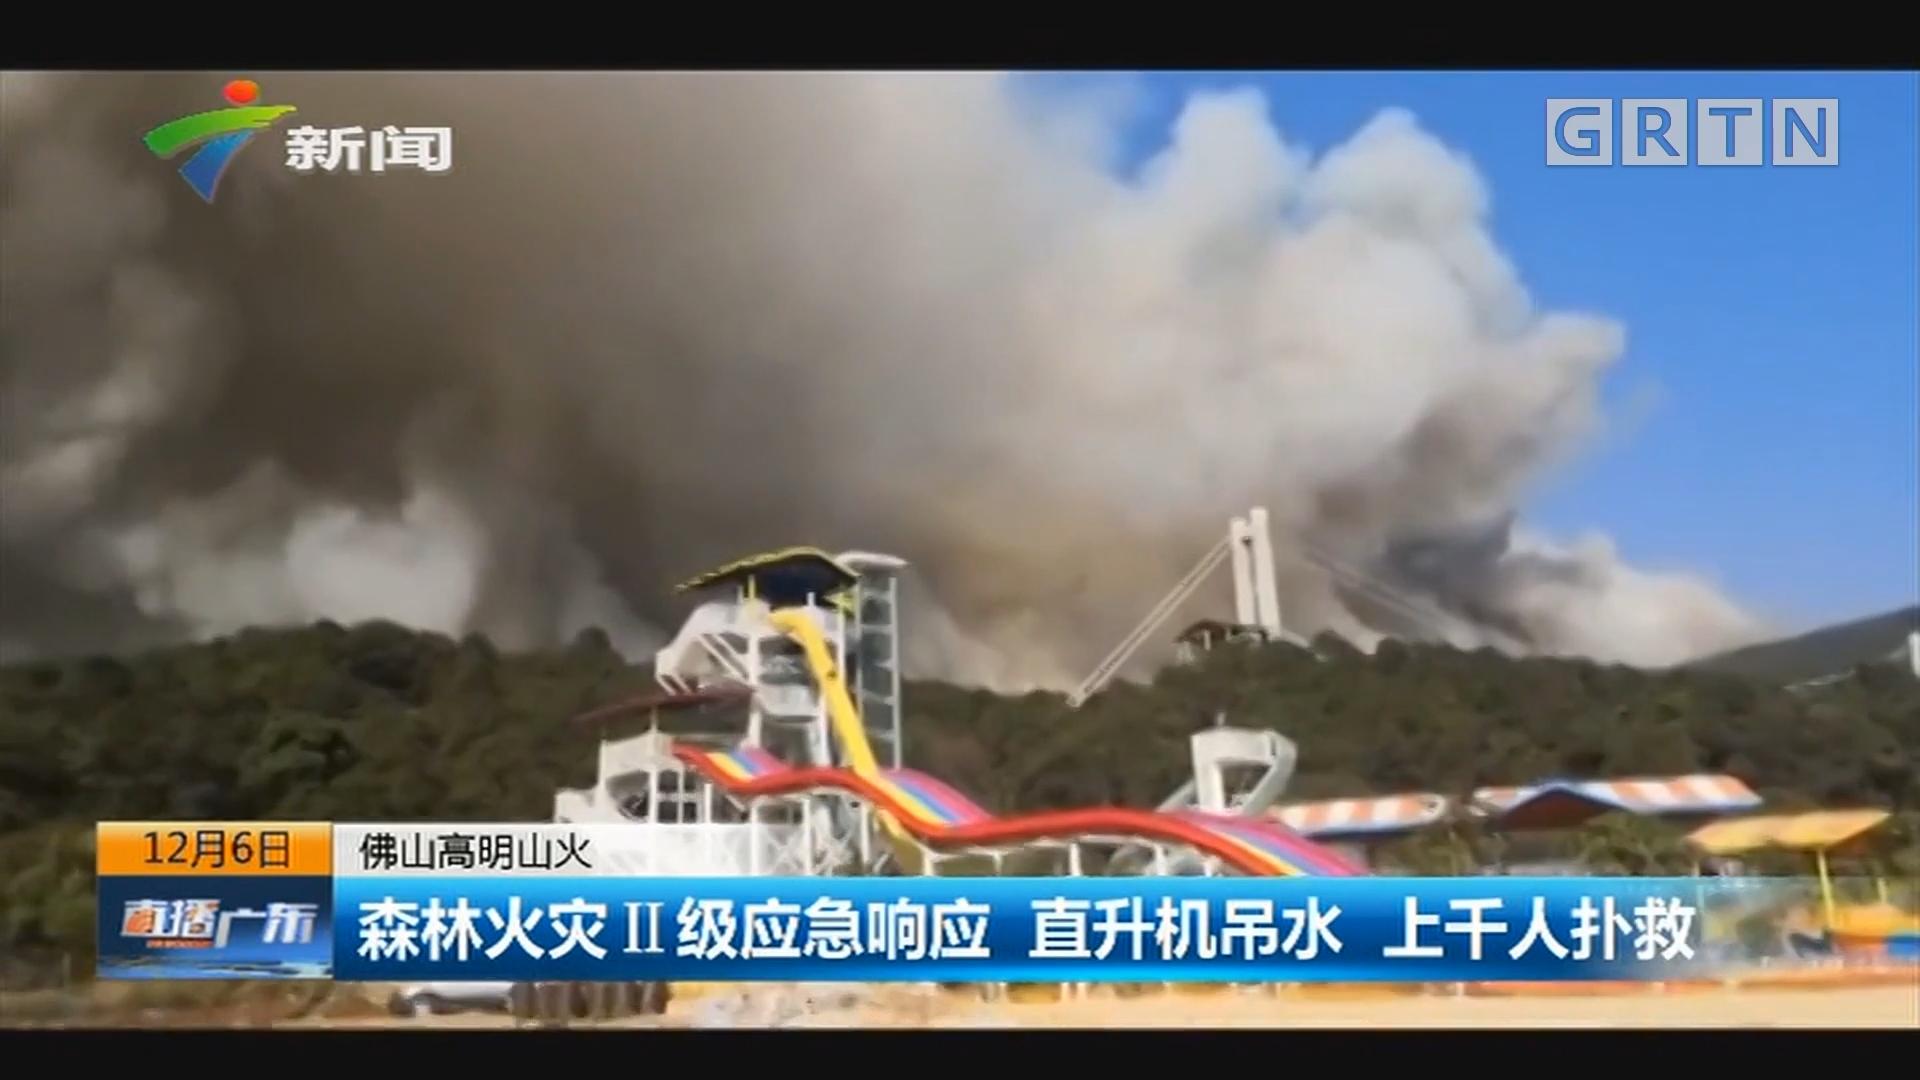 佛山高明山火:森林火灾Ⅱ级应急响应 直升机吊水 上千人扑救